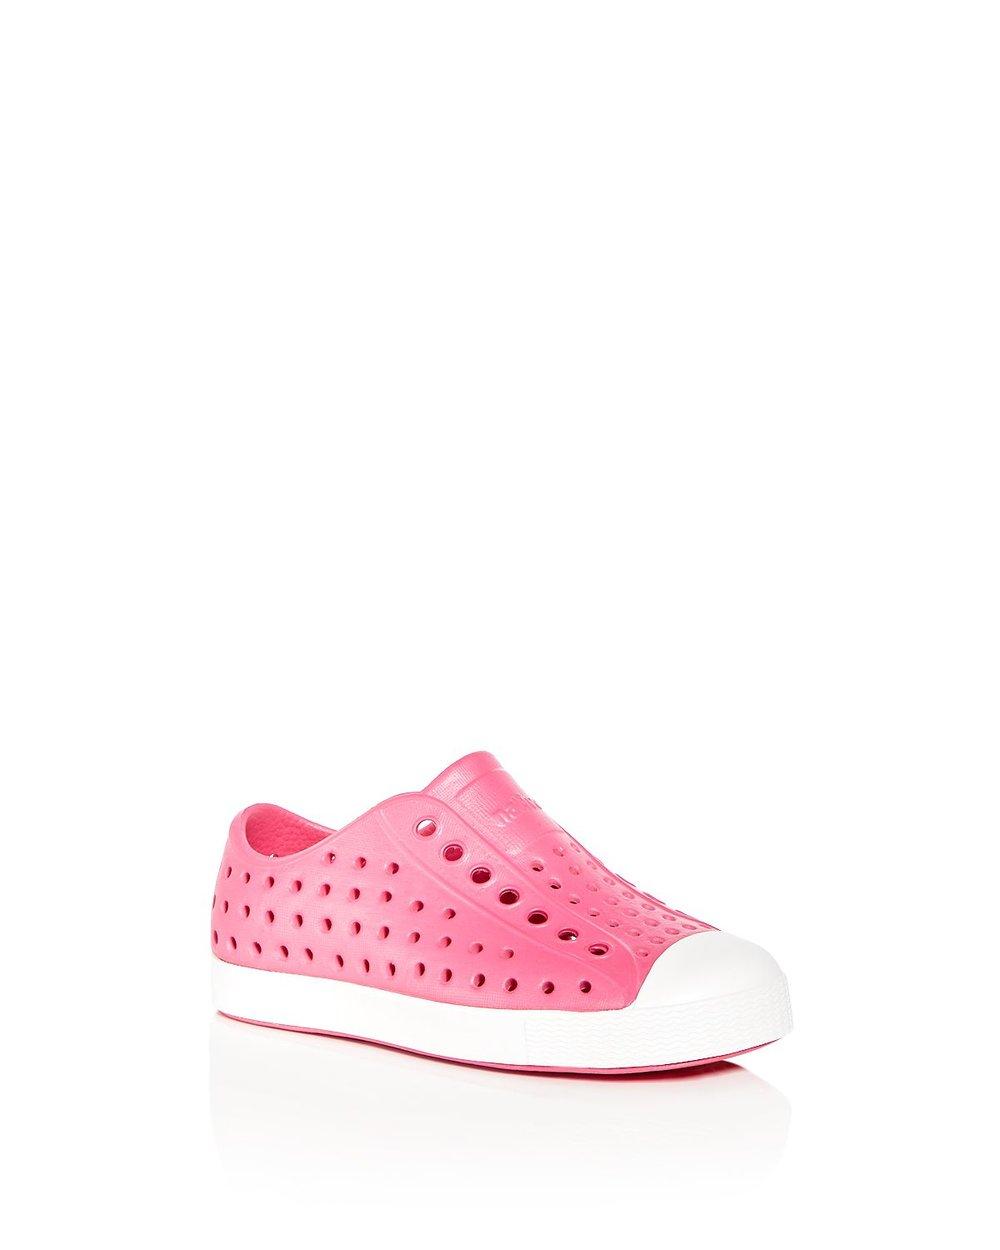 pink sneakers toddler.jpg